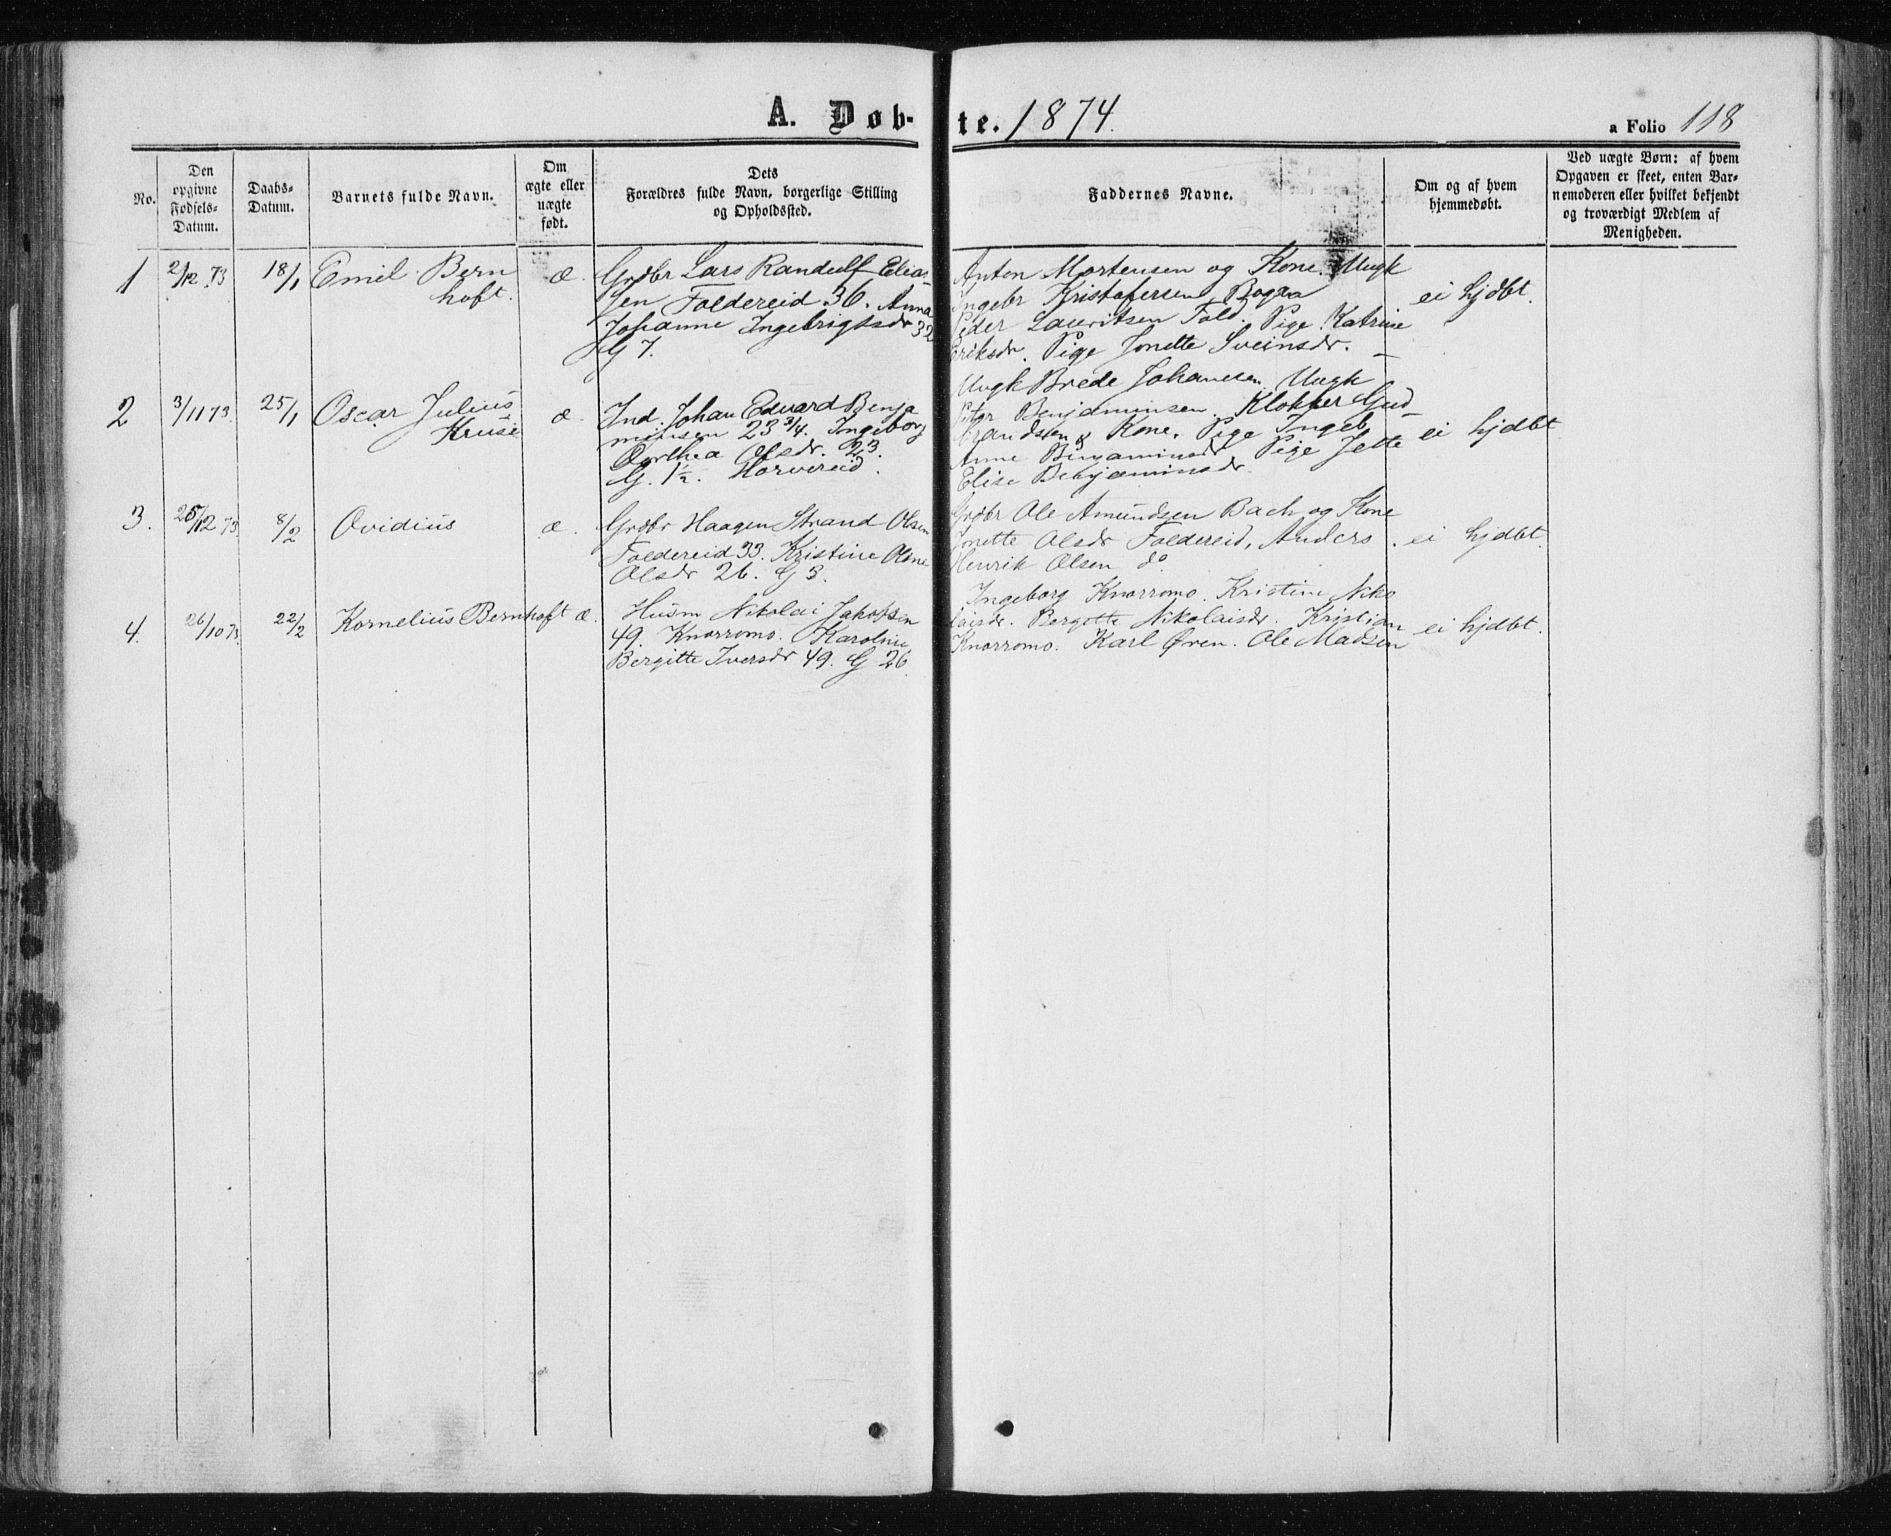 SAT, Ministerialprotokoller, klokkerbøker og fødselsregistre - Nord-Trøndelag, 780/L0641: Ministerialbok nr. 780A06, 1857-1874, s. 118